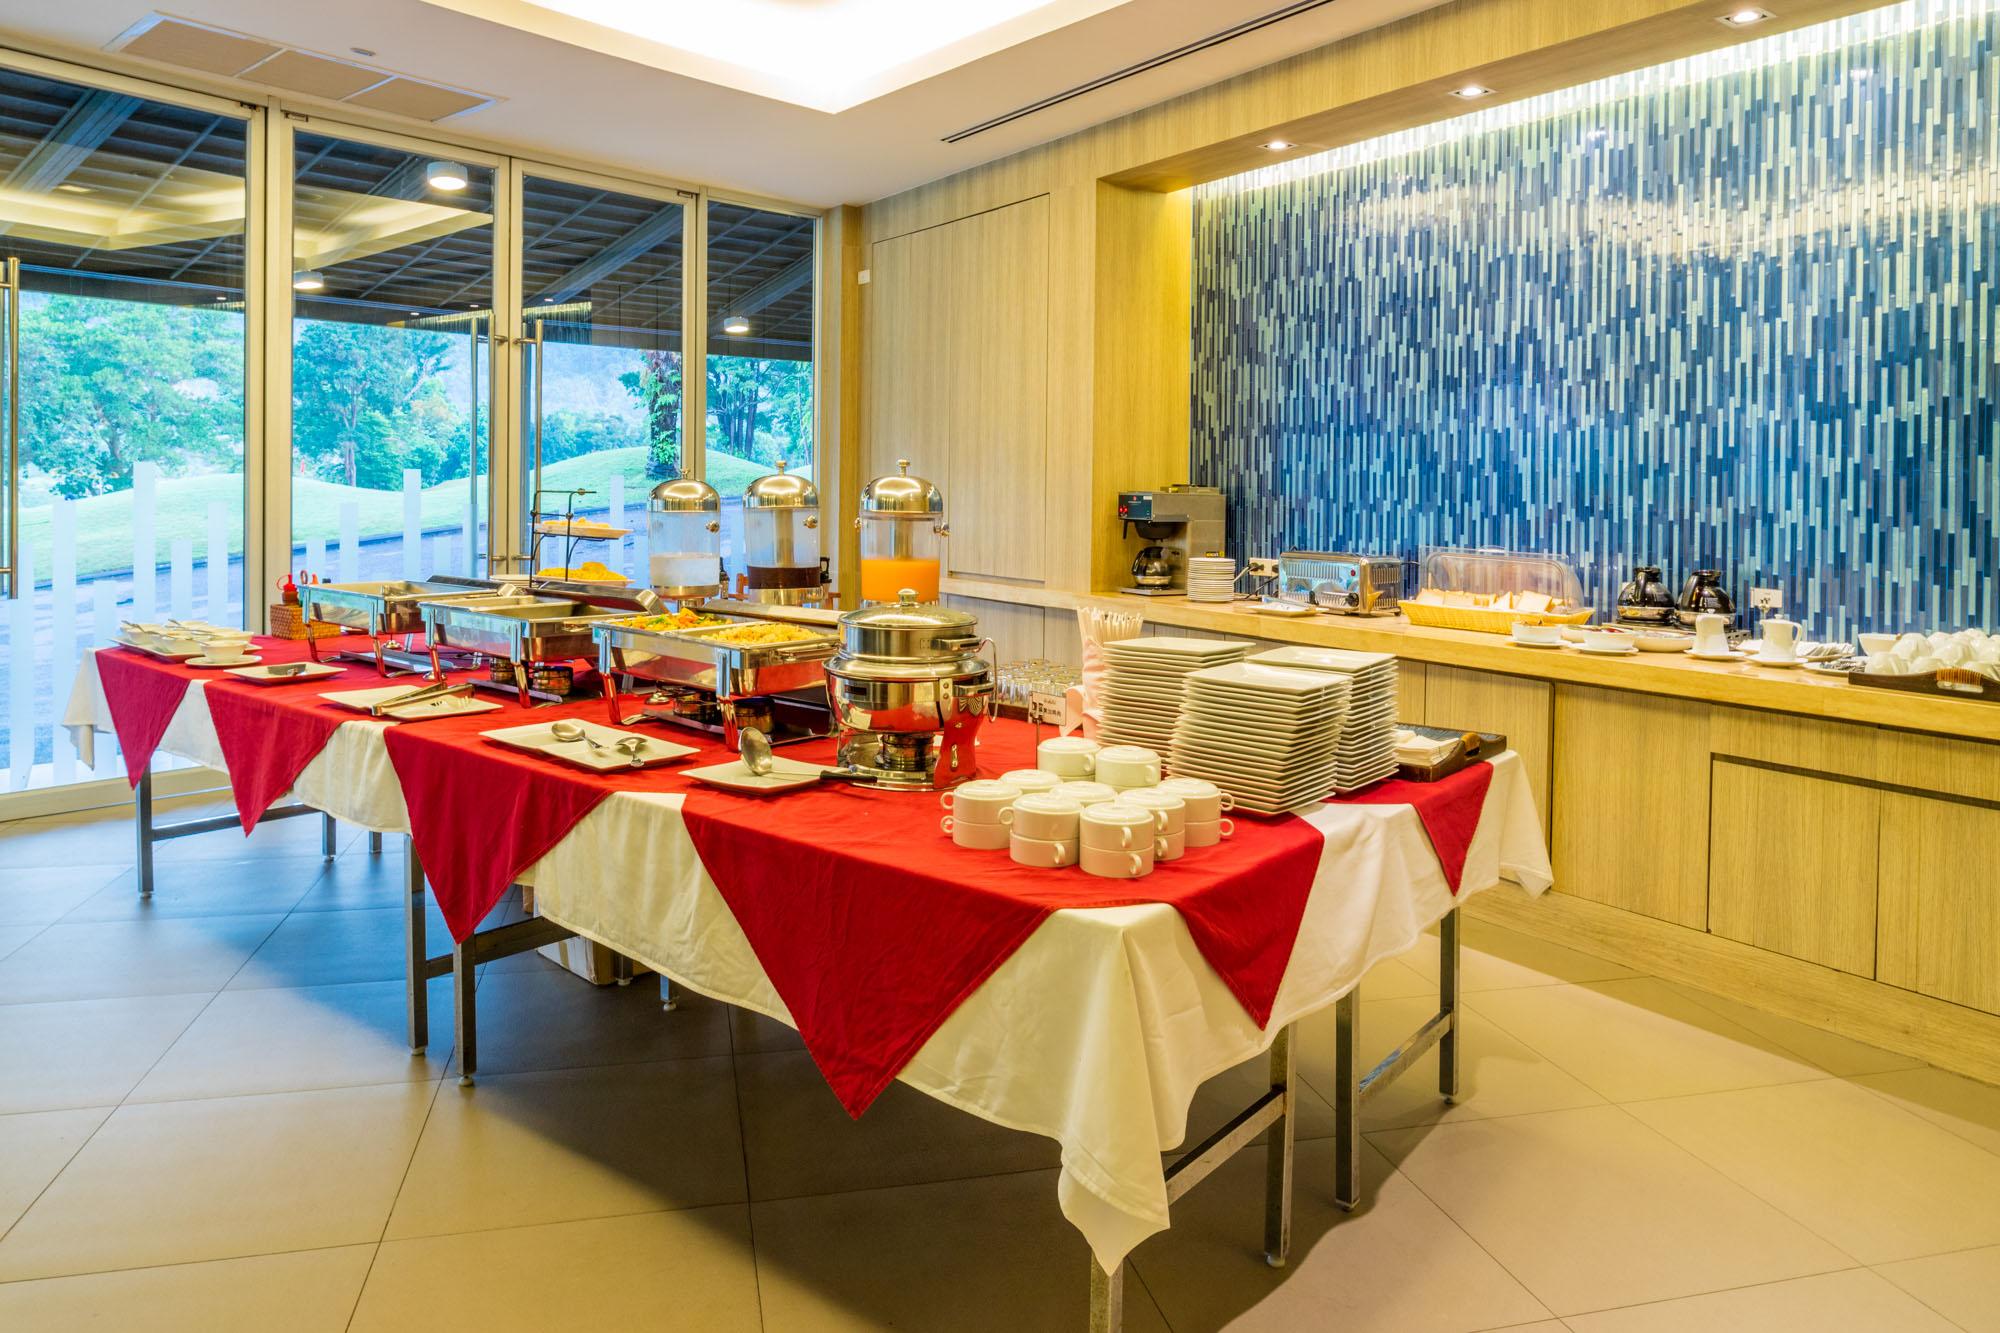 ทินิดี กอล์ฟ รีสอร์ท Tinidee Golf Resort Phuket  Tinidee Phuket ทินิดี กอล์ฟ รีสอร์ท แอท ภูเก็ต IMG 8383